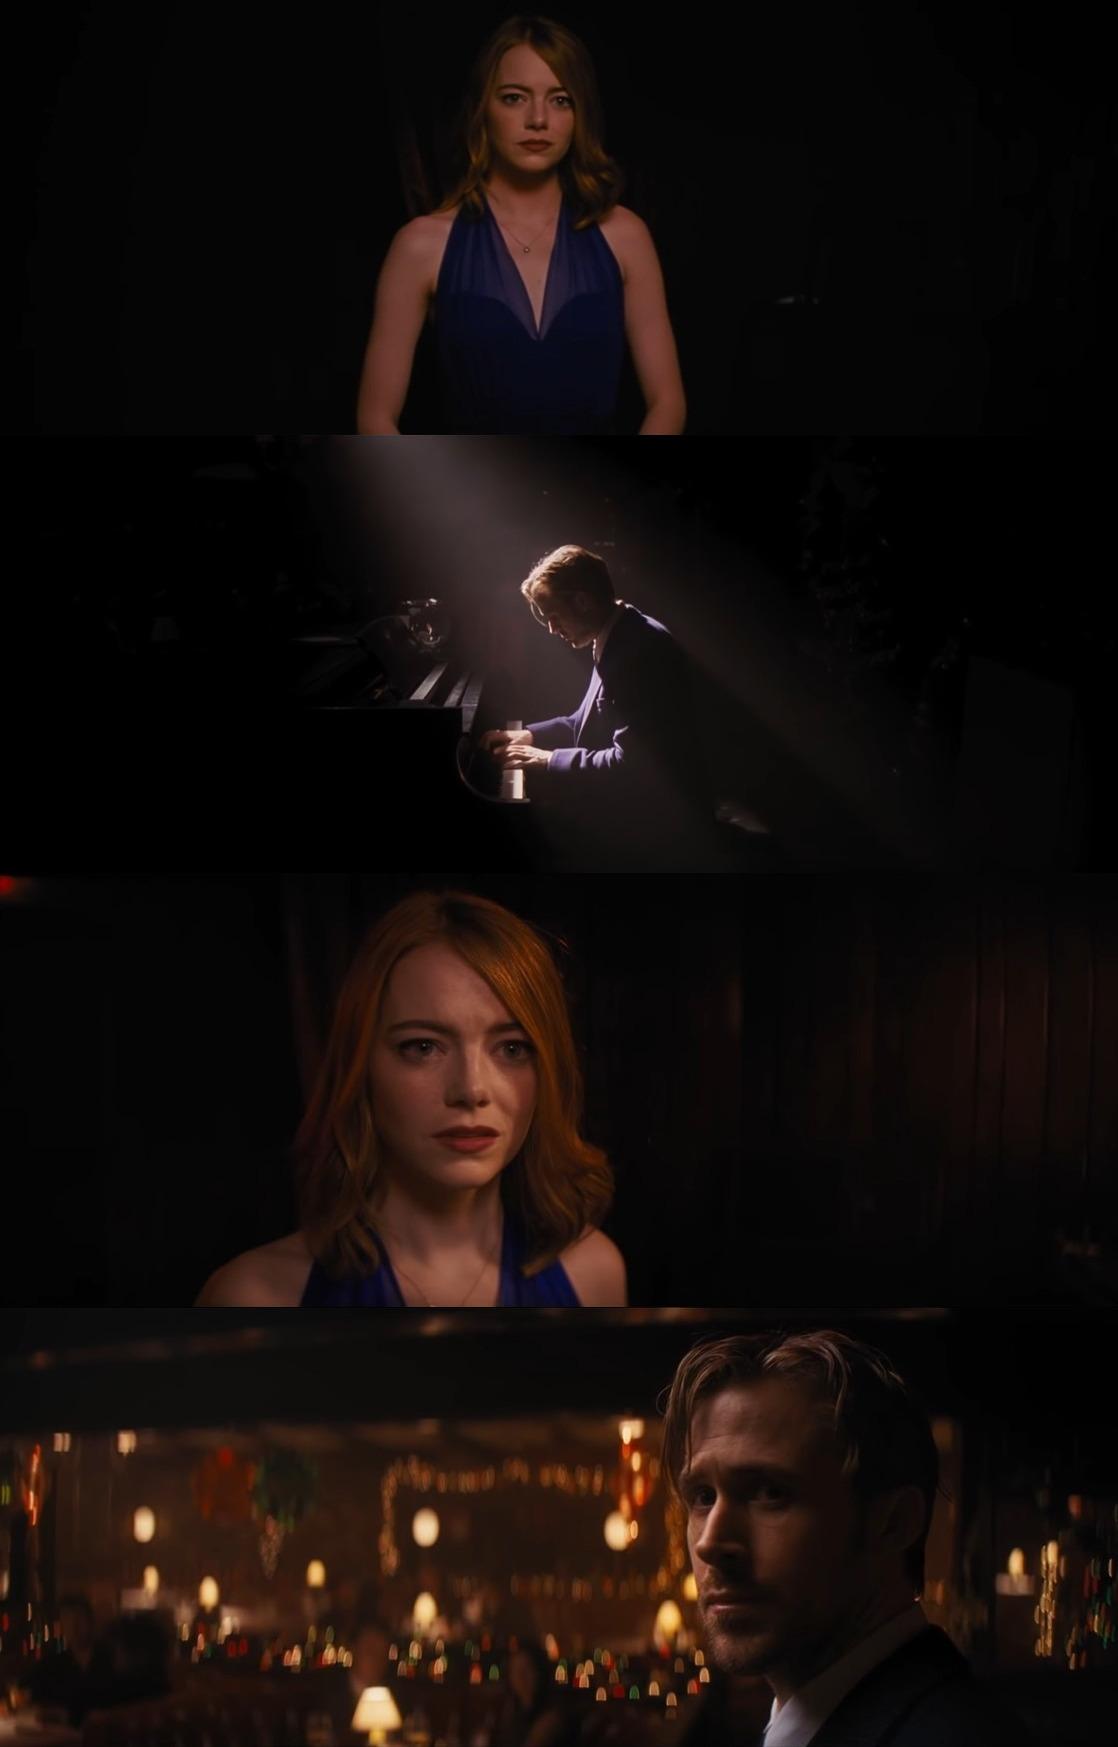 سکانس مربوط به آهنگ Mia & Sebastian's Theme در فیلم لا لا لند